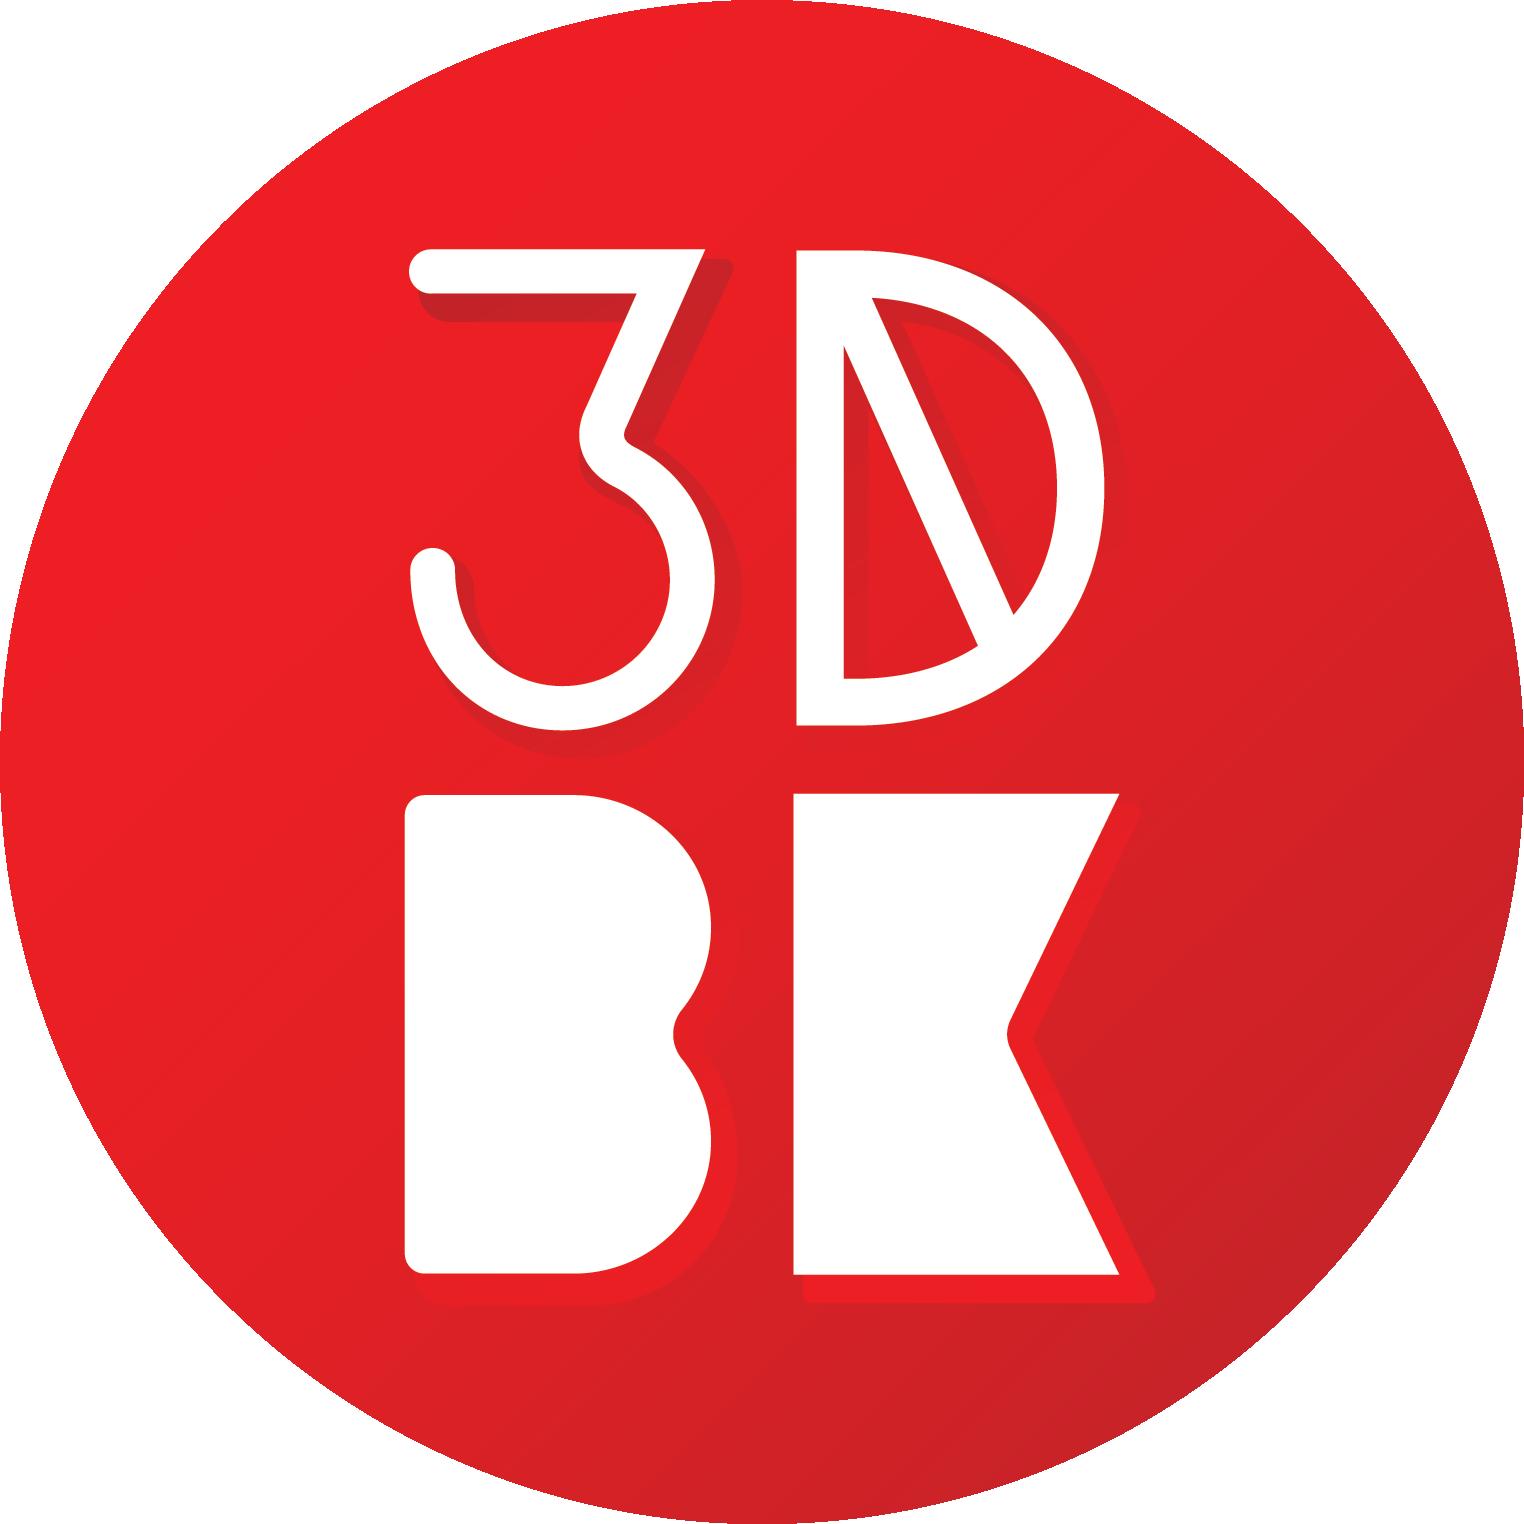 3D Brooklyn